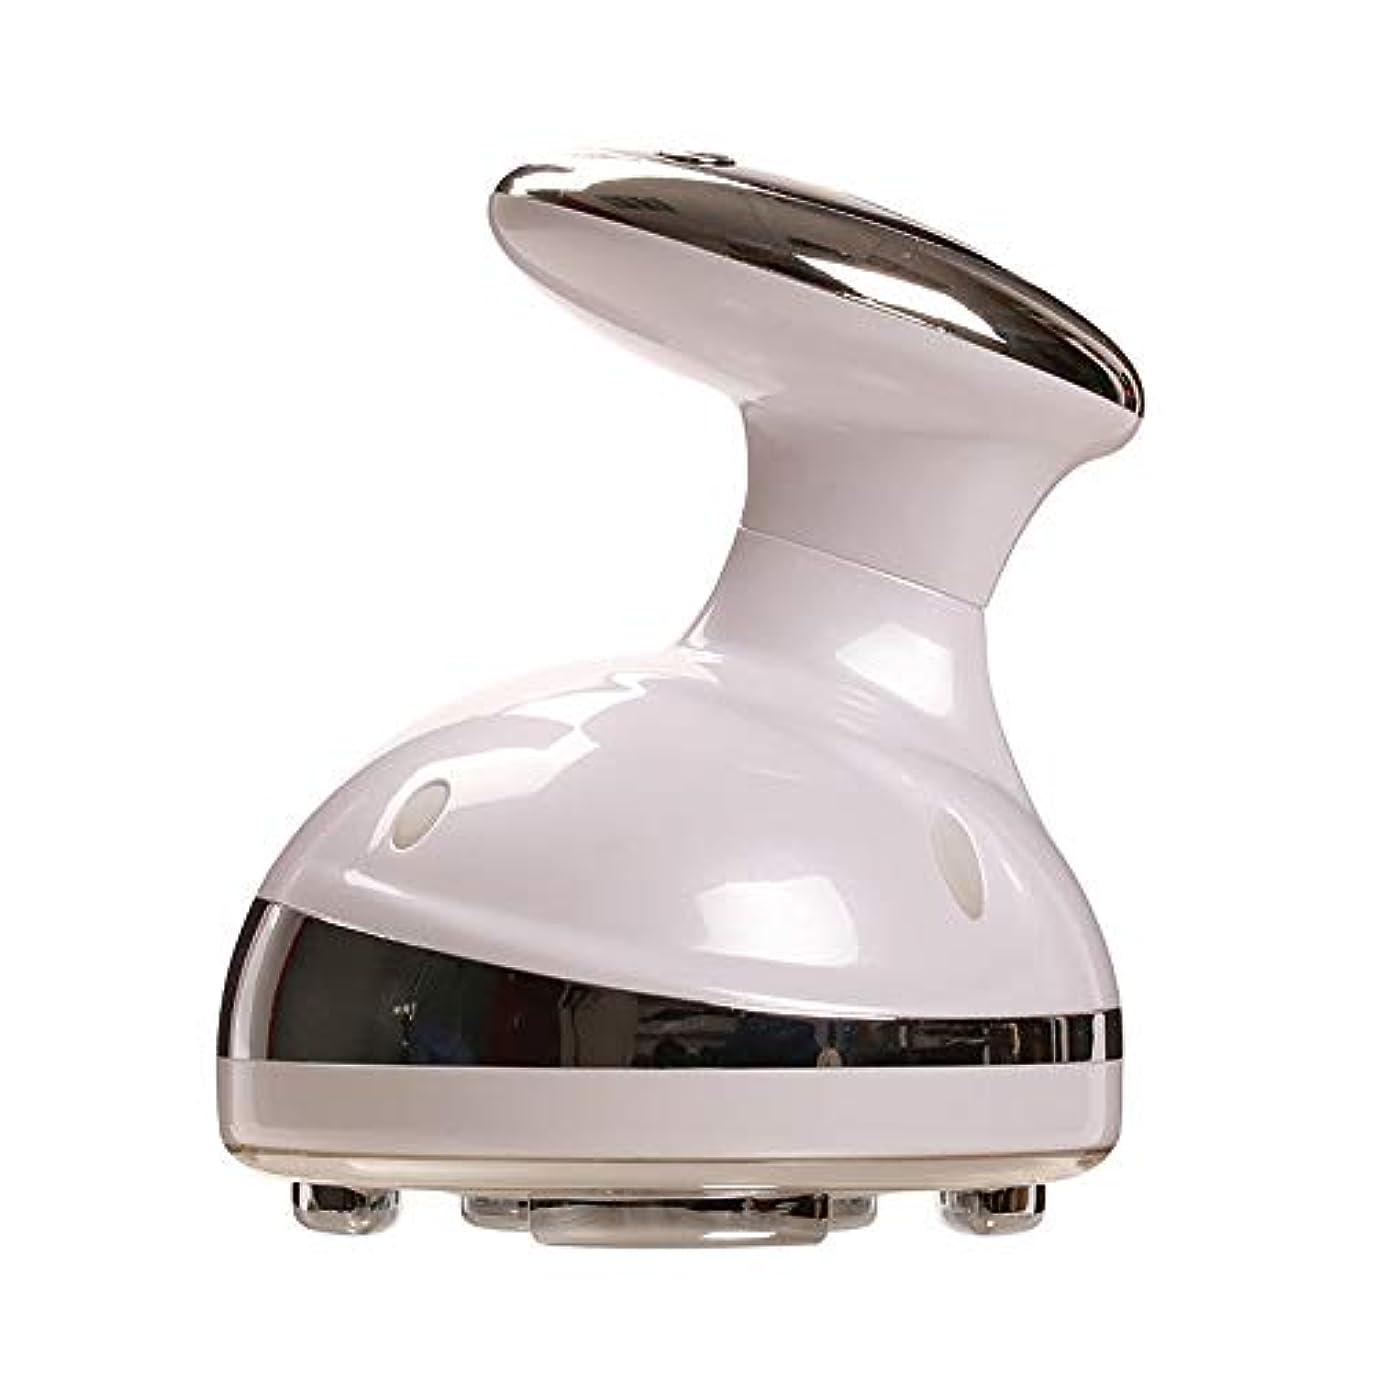 ボリュームカールパイロット電動痩身マッサージ充電式ハンドヘルド脂肪除去デバイス用アームレッグウエストヒップマッサージフェイシャルスキンリフティング Tighting,White